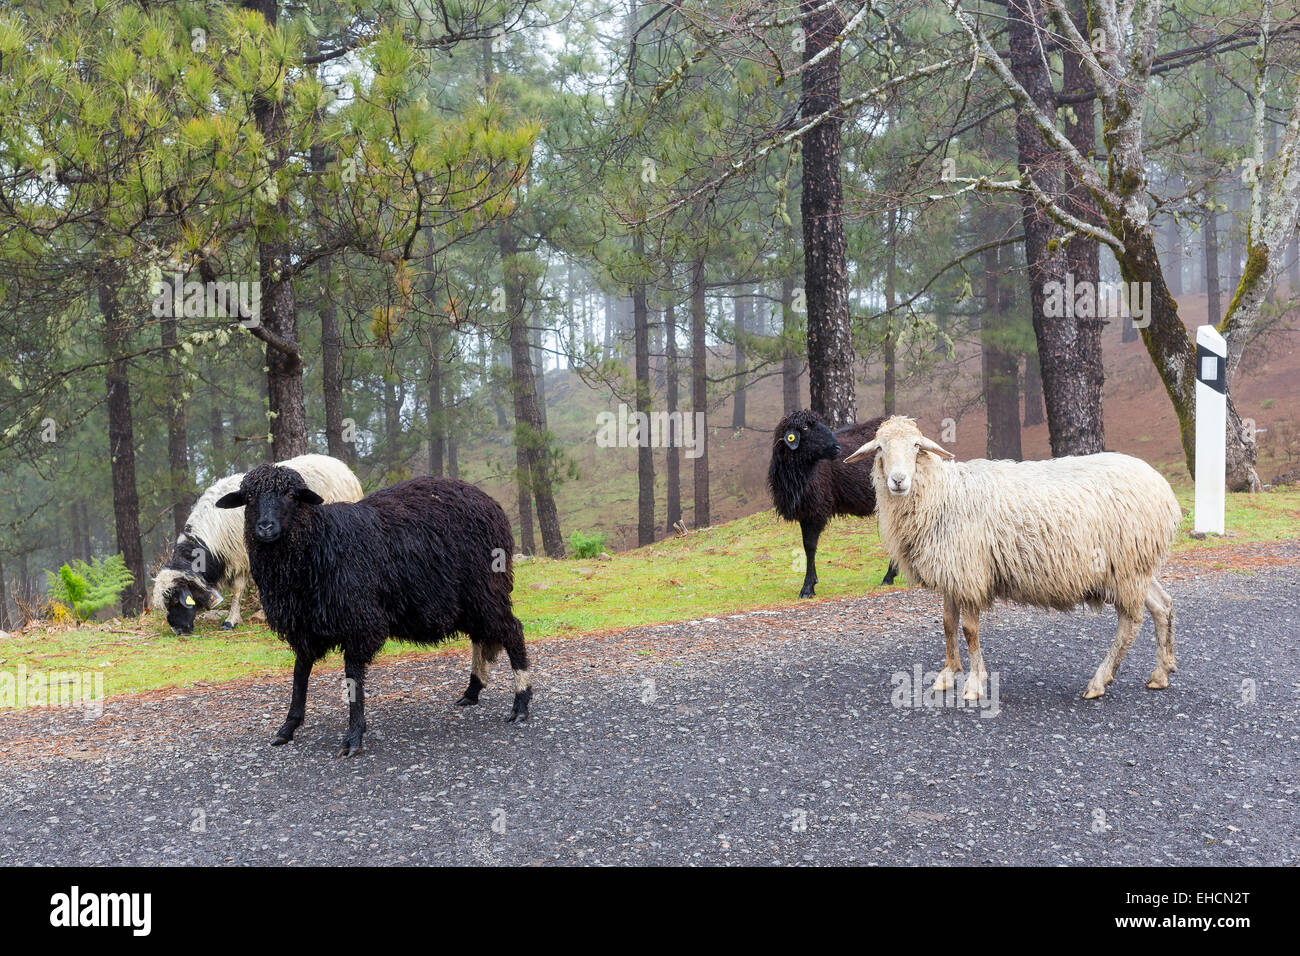 Schafe am Straßenrand, Gran Canaria, Kanarische Inseln, Spanien Stockfoto